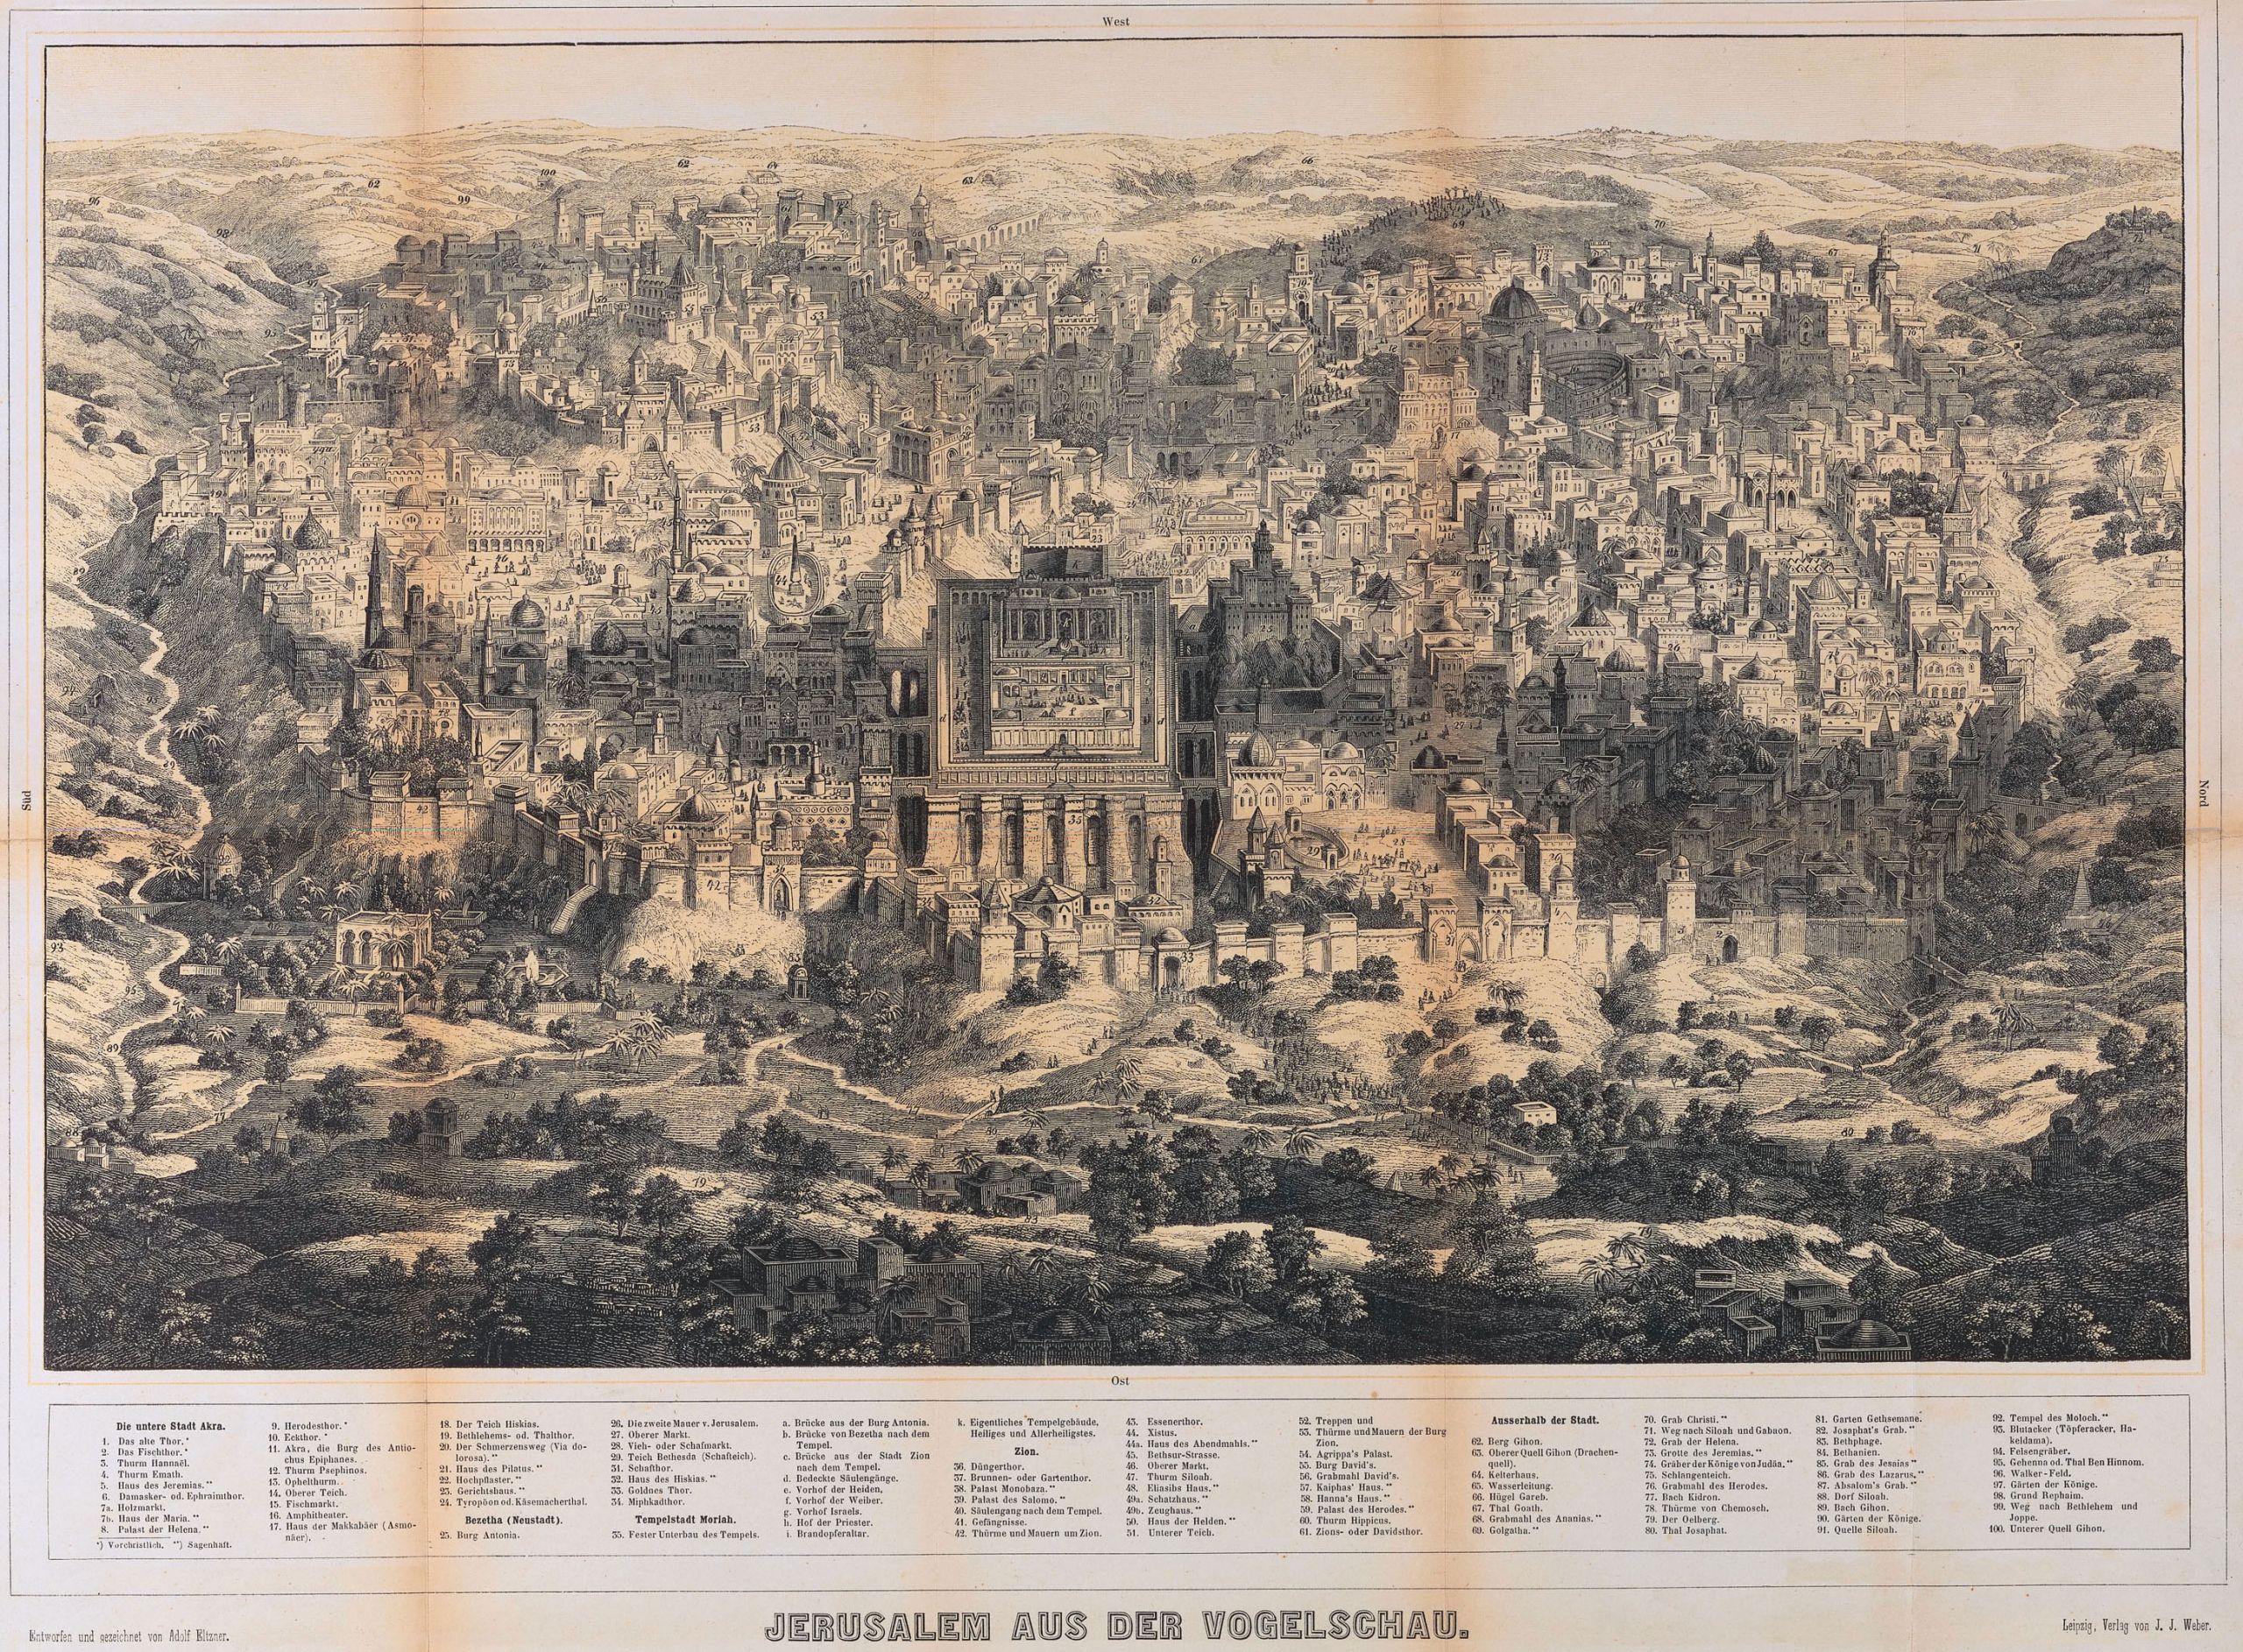 Jerusalem aus der Vogelschau Entworfen und gezeichnet von Adolf Eltzner Druck von F A Brockhaus in Leipzig